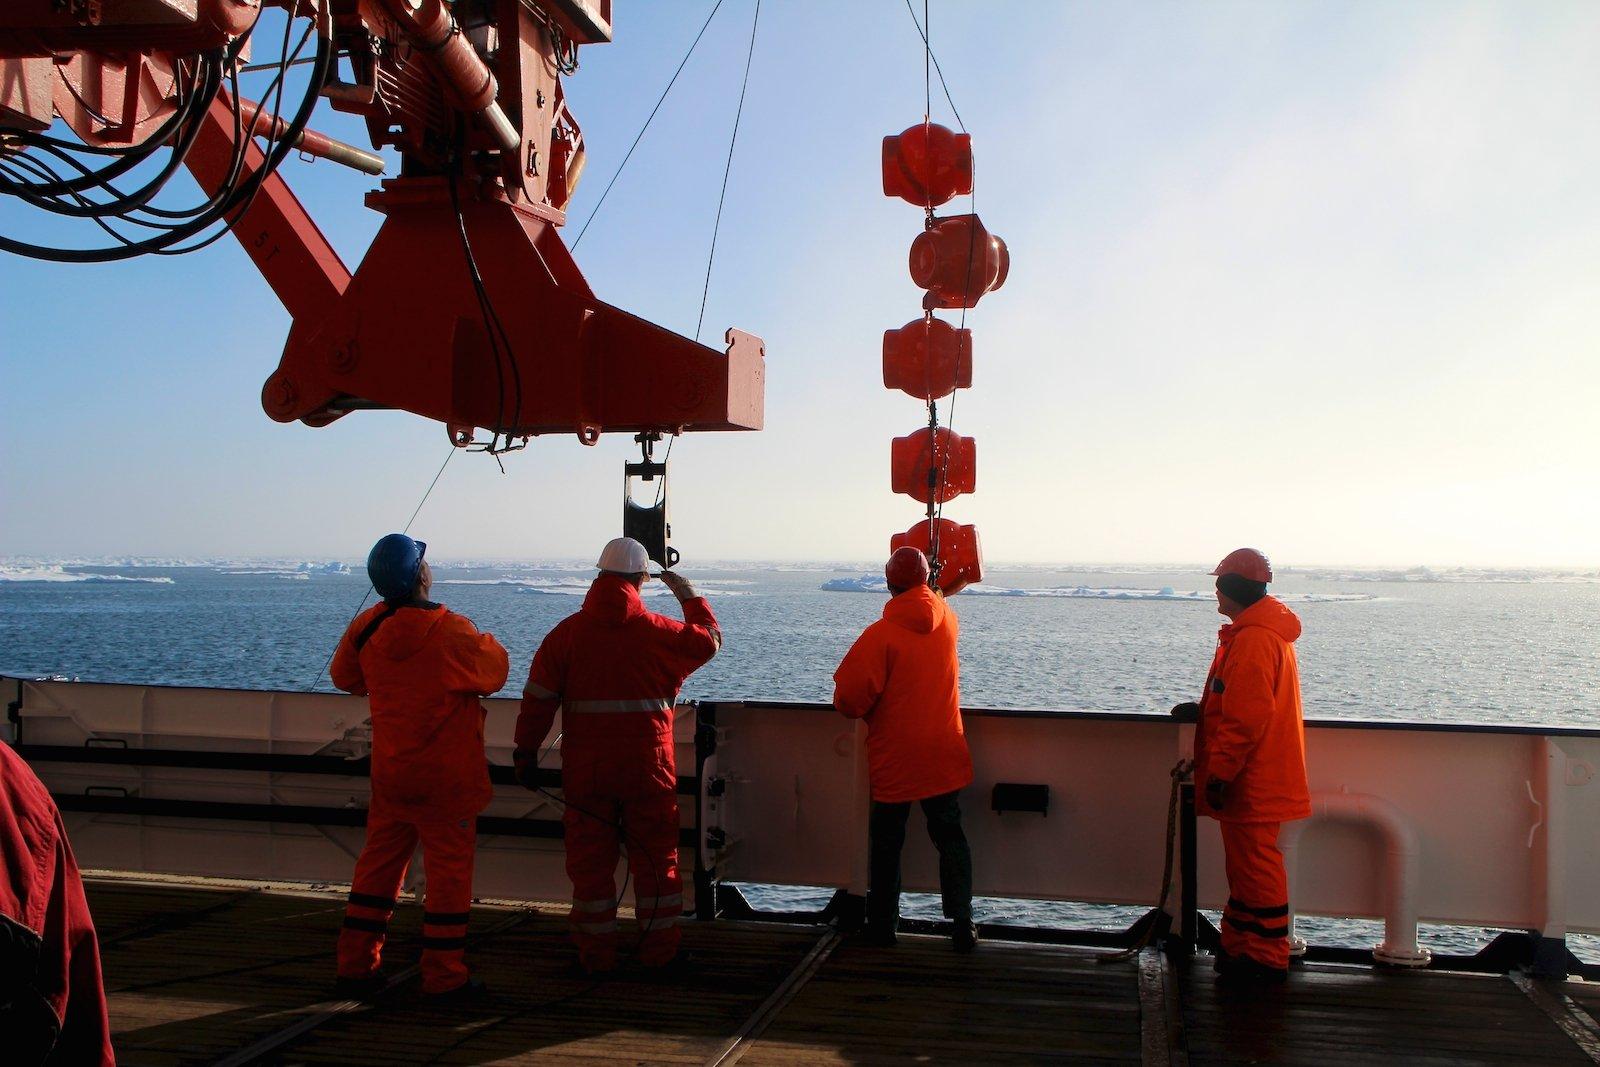 Erst Ende Oktober 2016 wird die Polarstern mit der Crew wieder zurück in Bremerhaven sein.